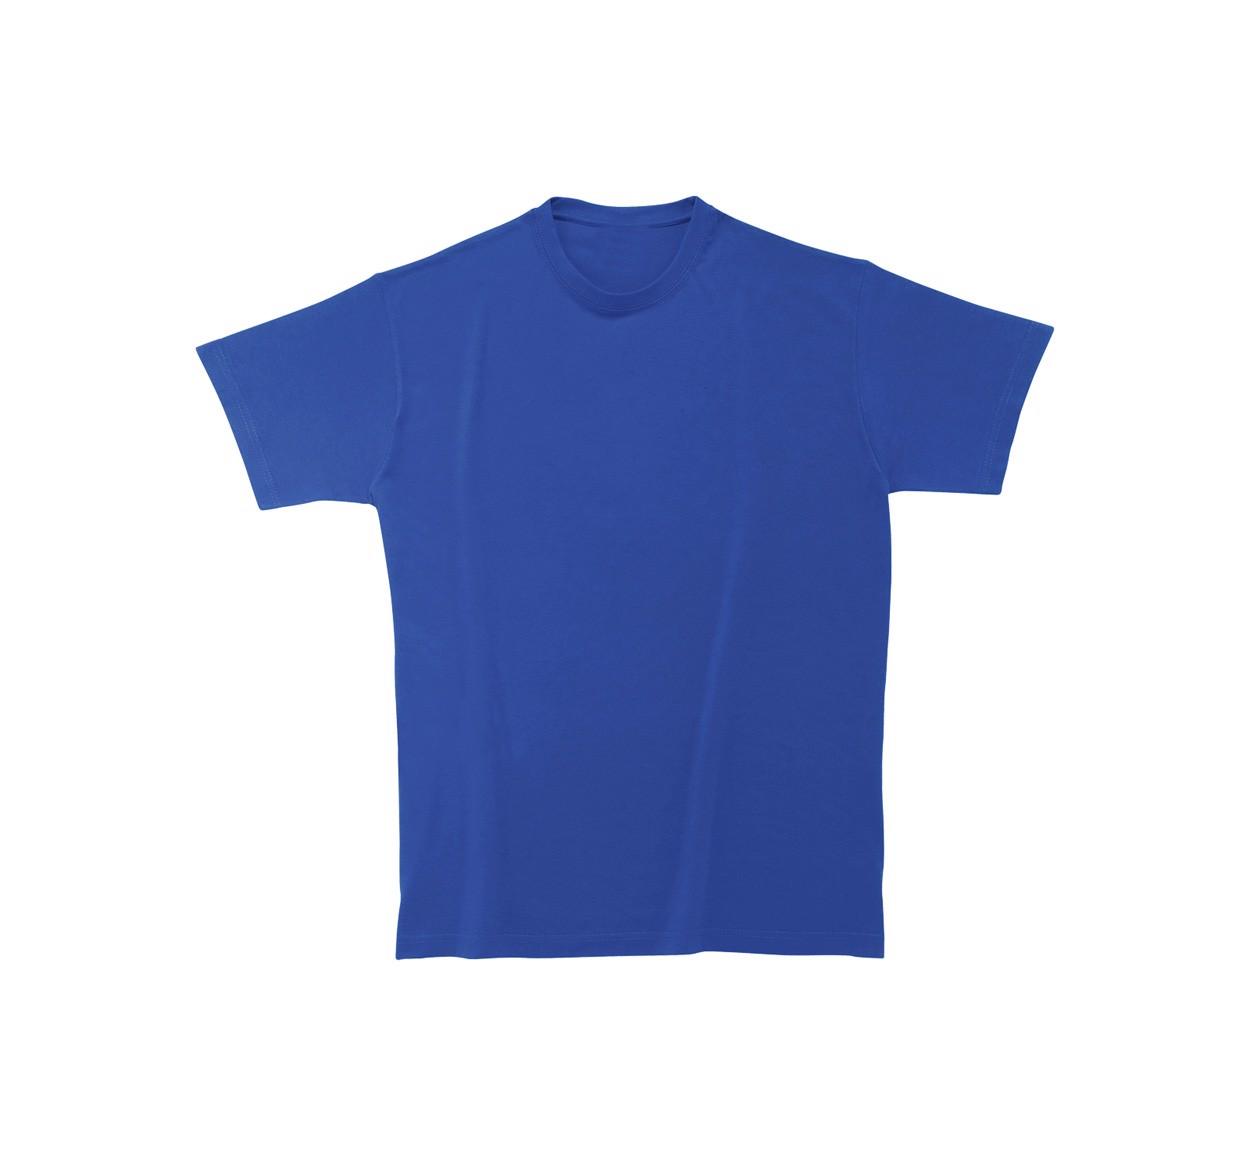 Tricou Bărbați Softstyle Man - Albastru / L